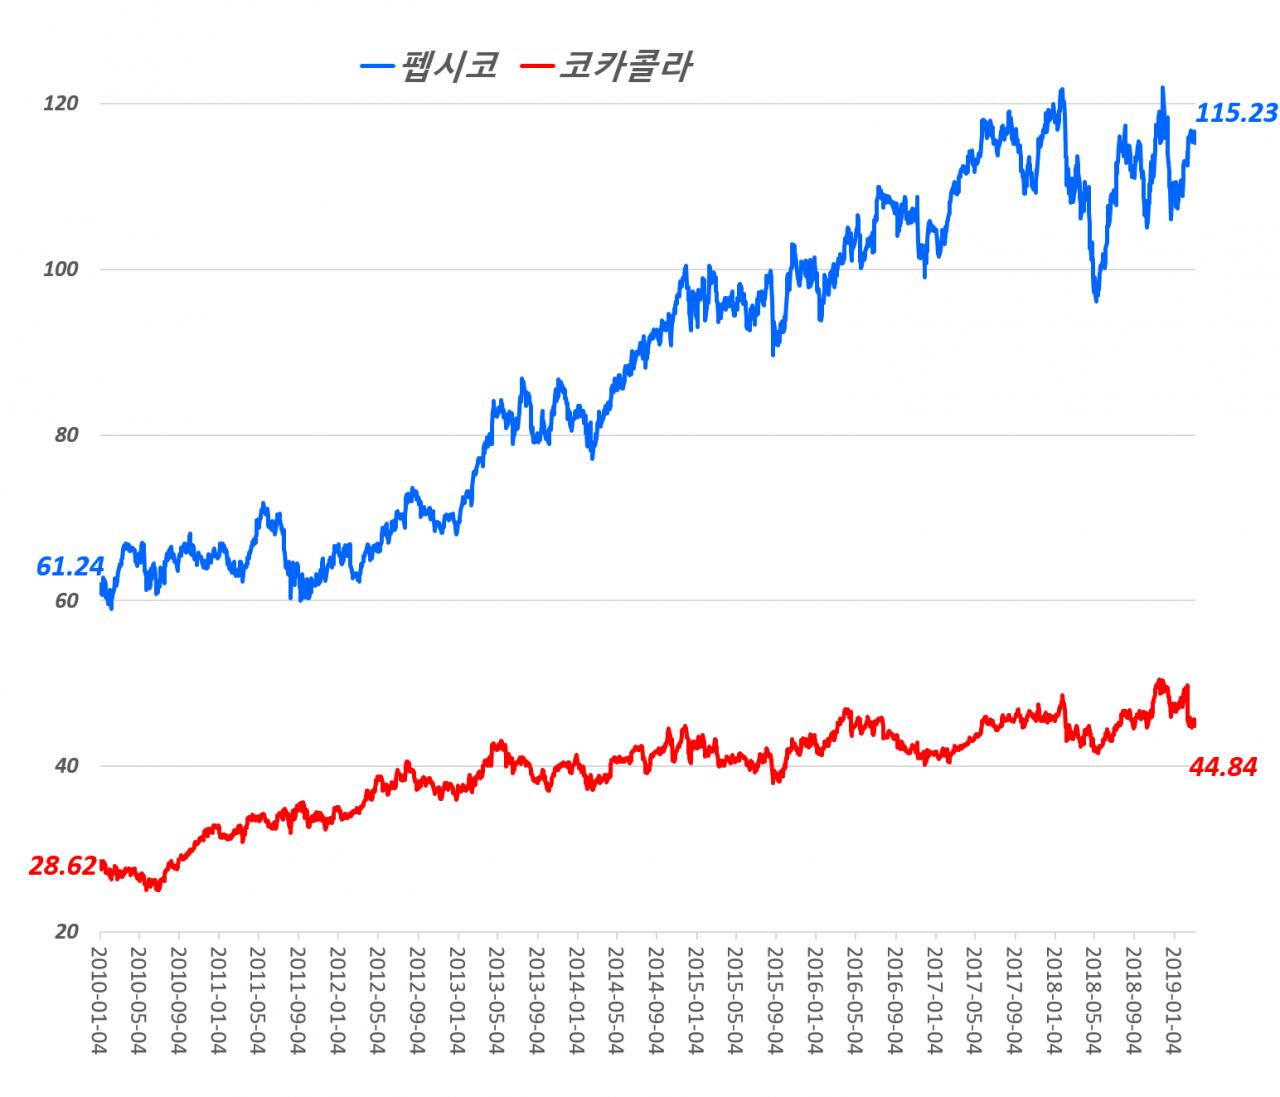 코카콜라와 펩시코의 주가 추이(2000년 ~ 2019년 3월 8일)